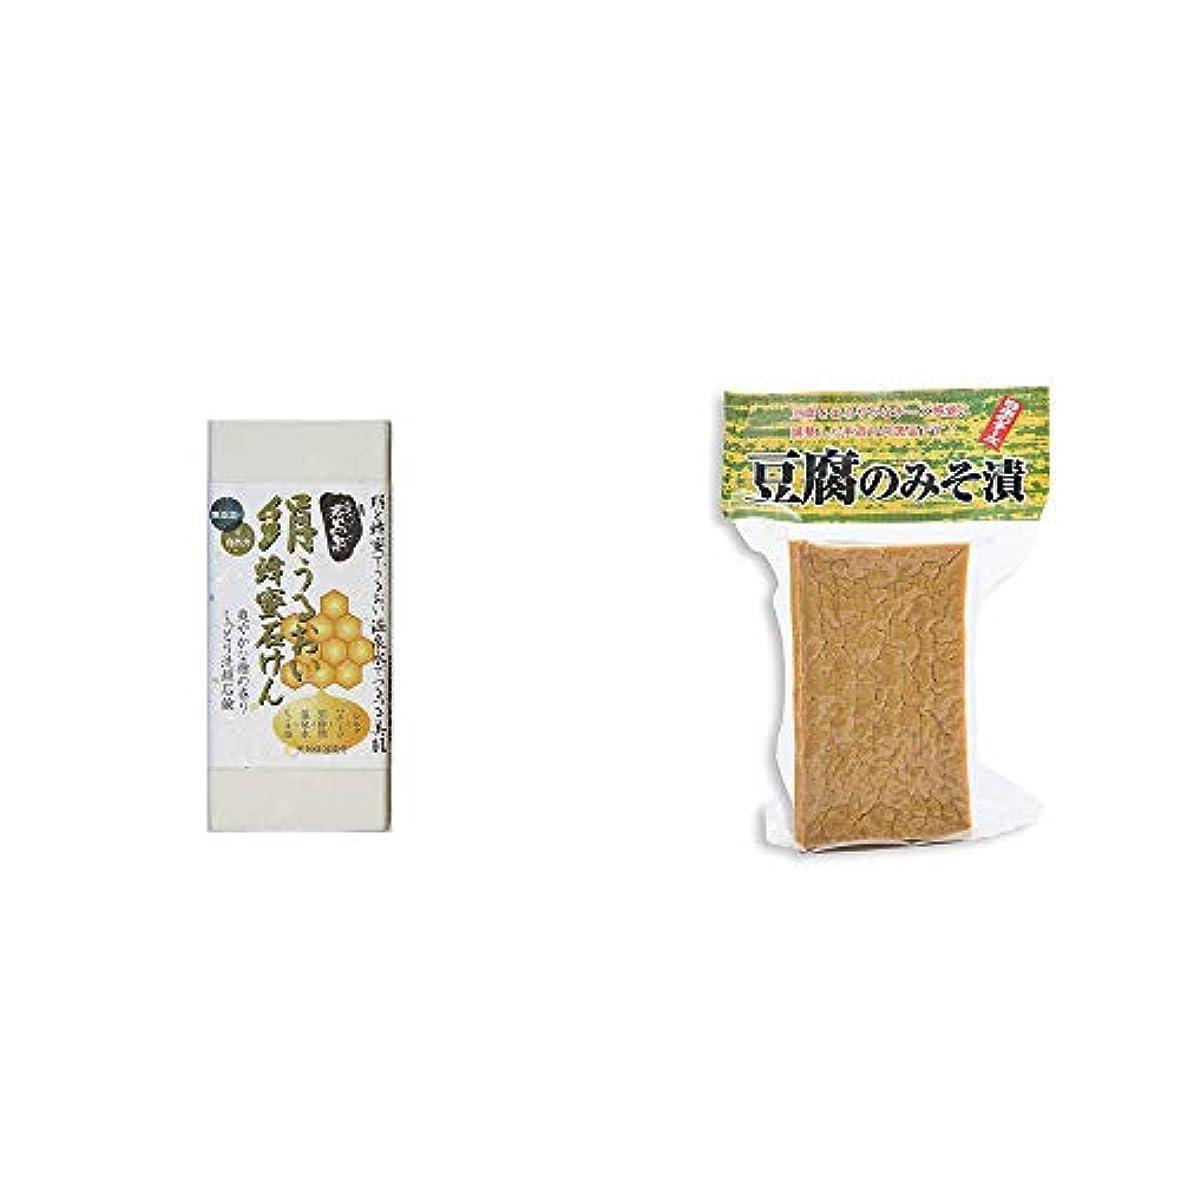 マートスロープ寸前[2点セット] ひのき炭黒泉 絹うるおい蜂蜜石けん(75g×2)?日本のチーズ 豆腐のみそ漬(1個入)